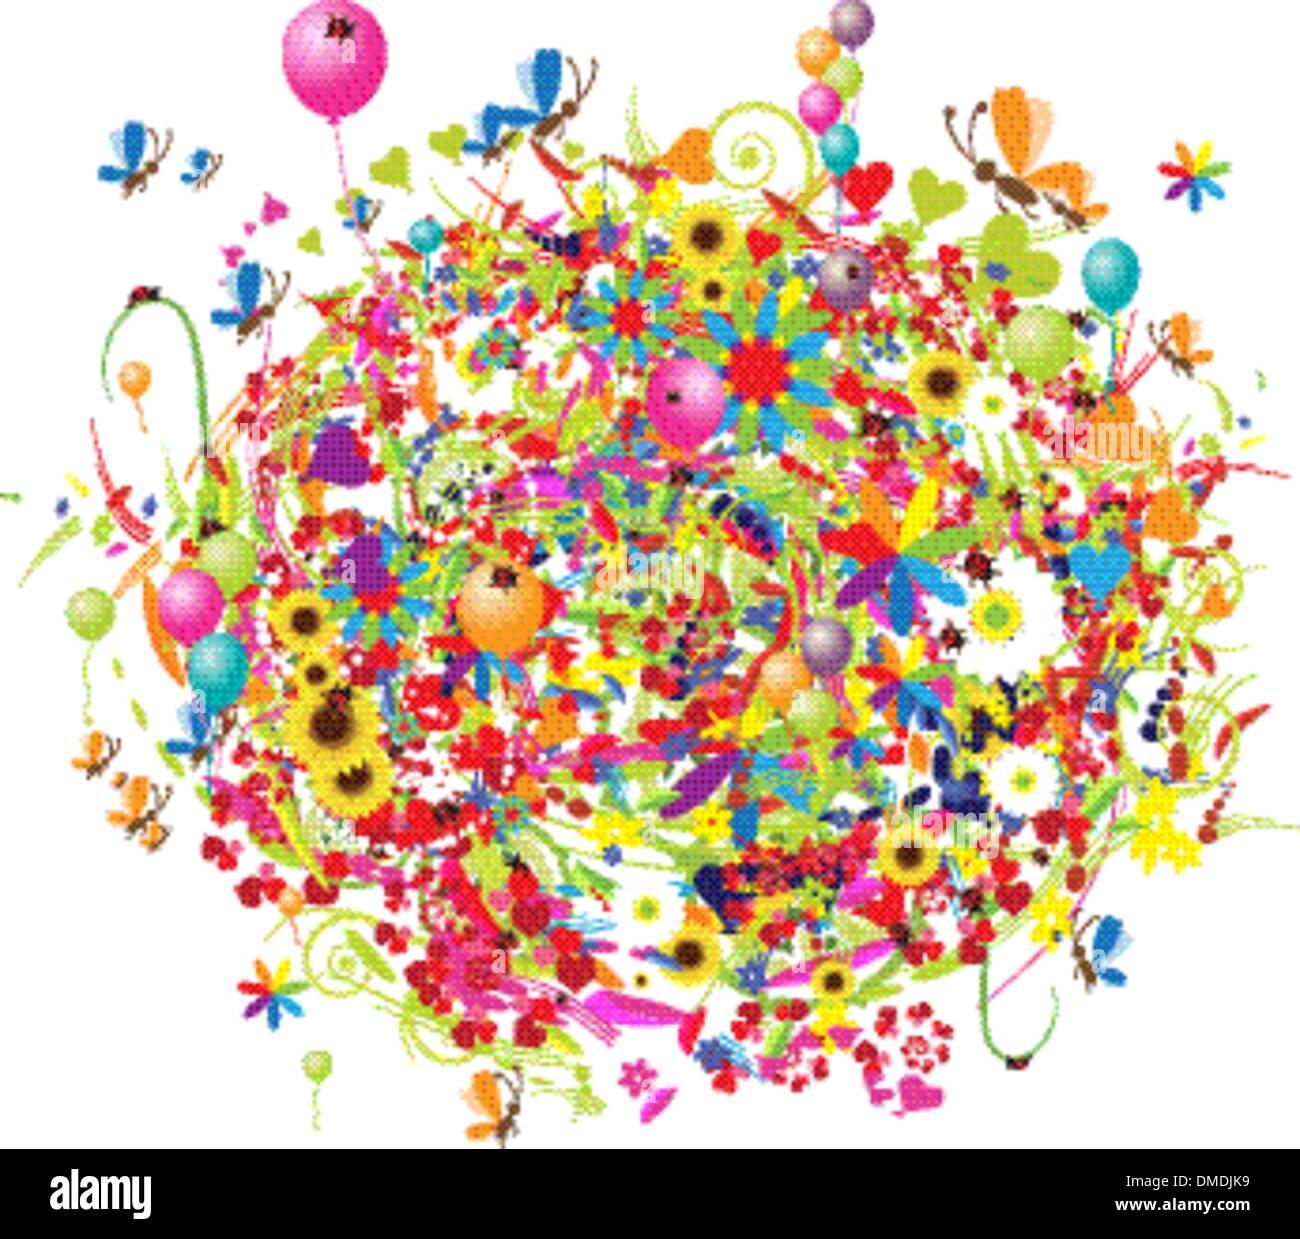 Bonnes Vacances Drole Bouquet Avec Ballons Image Vectorielle Stock Alamy